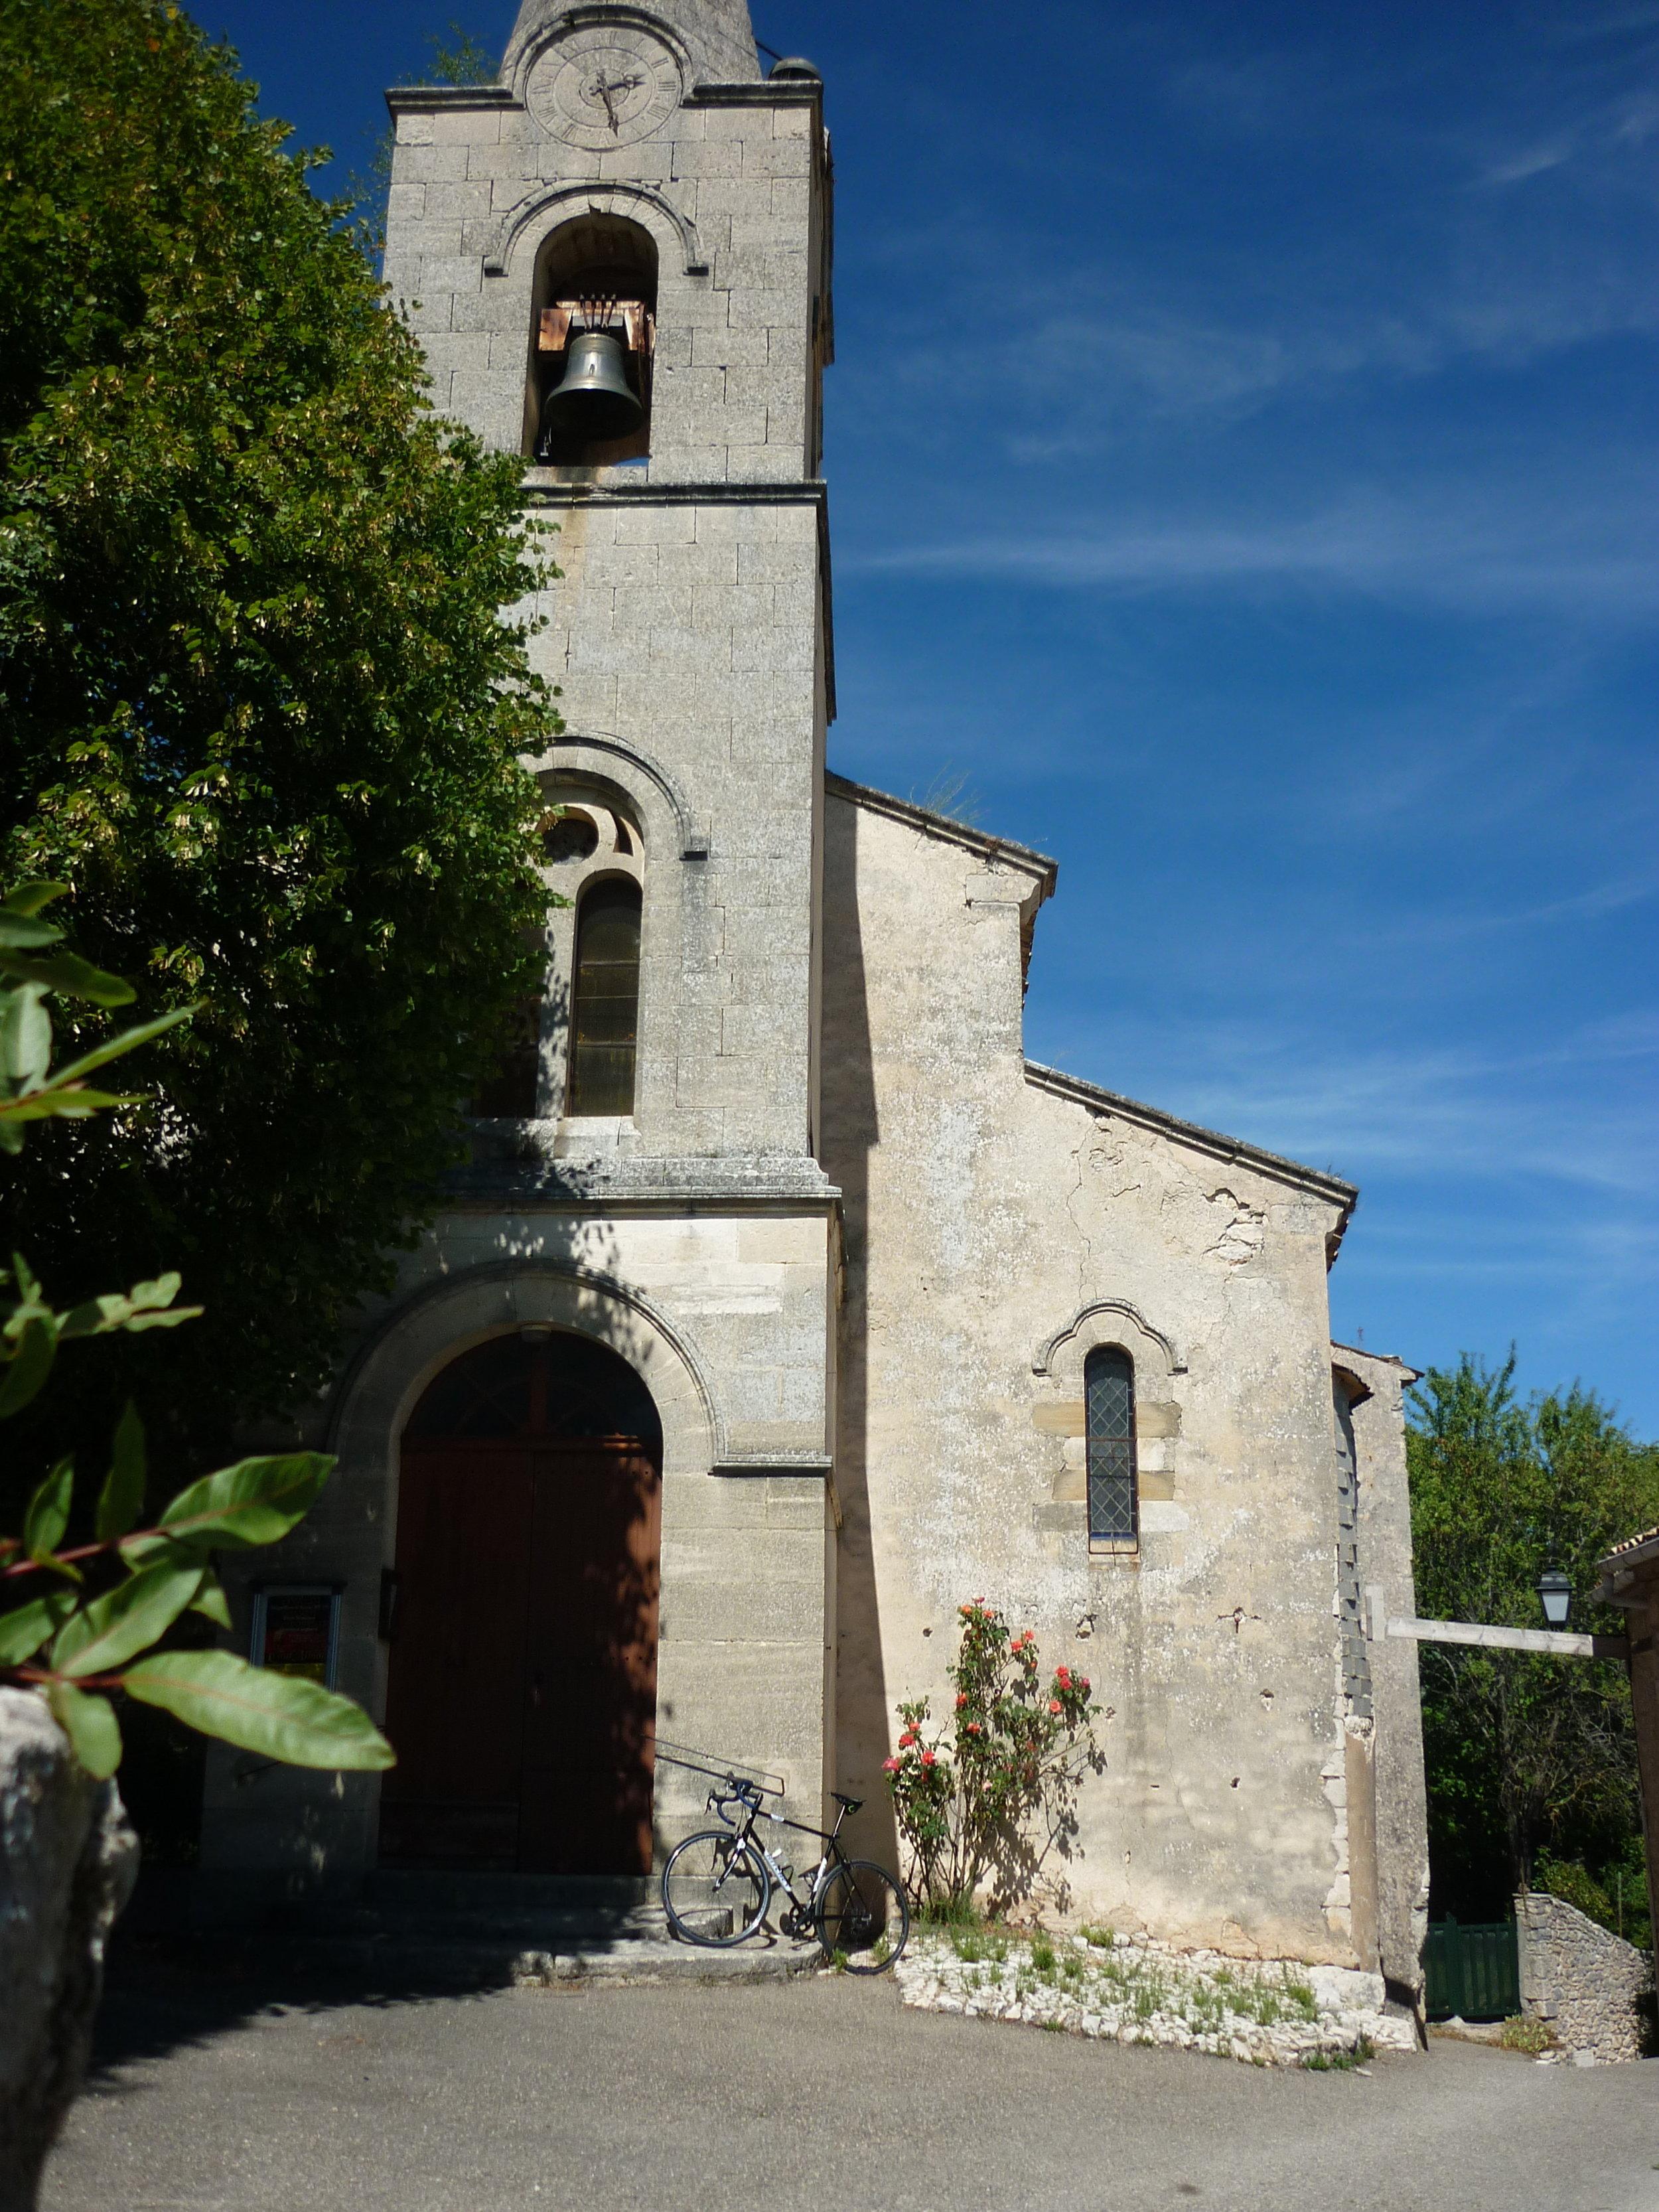 The village of Monieux